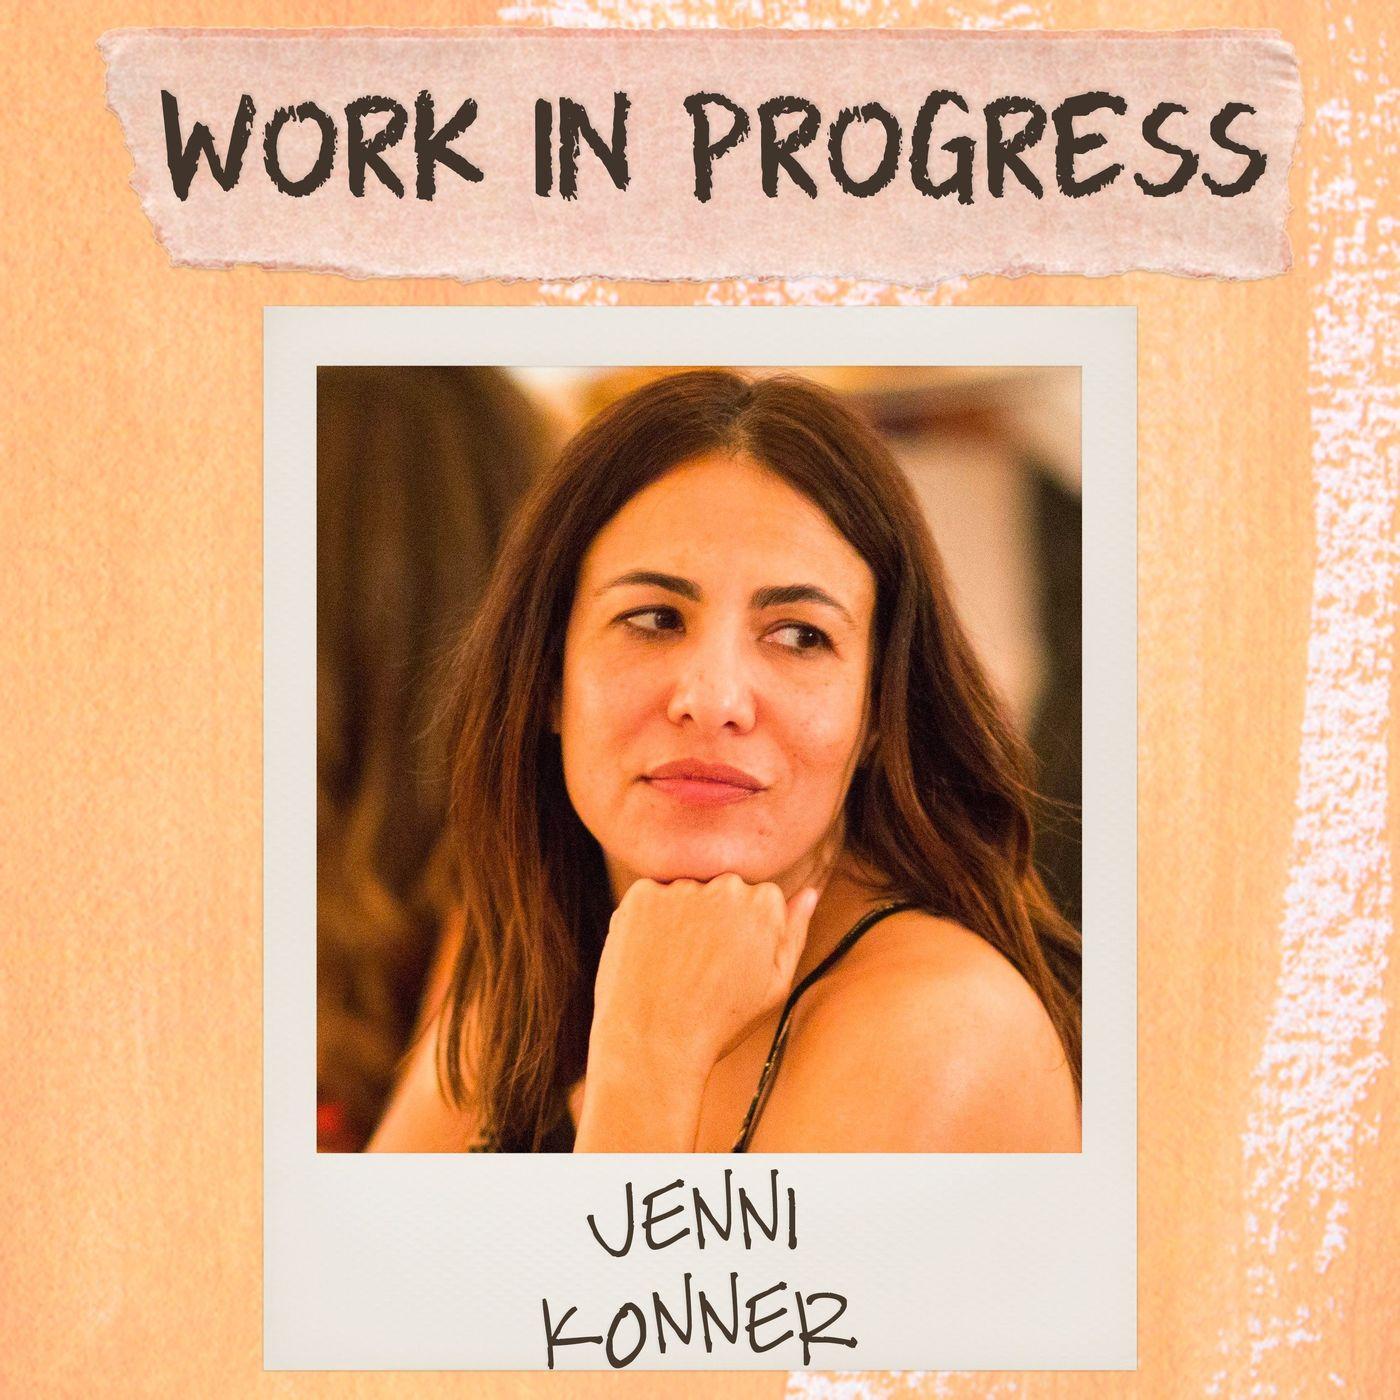 Jenni Konner